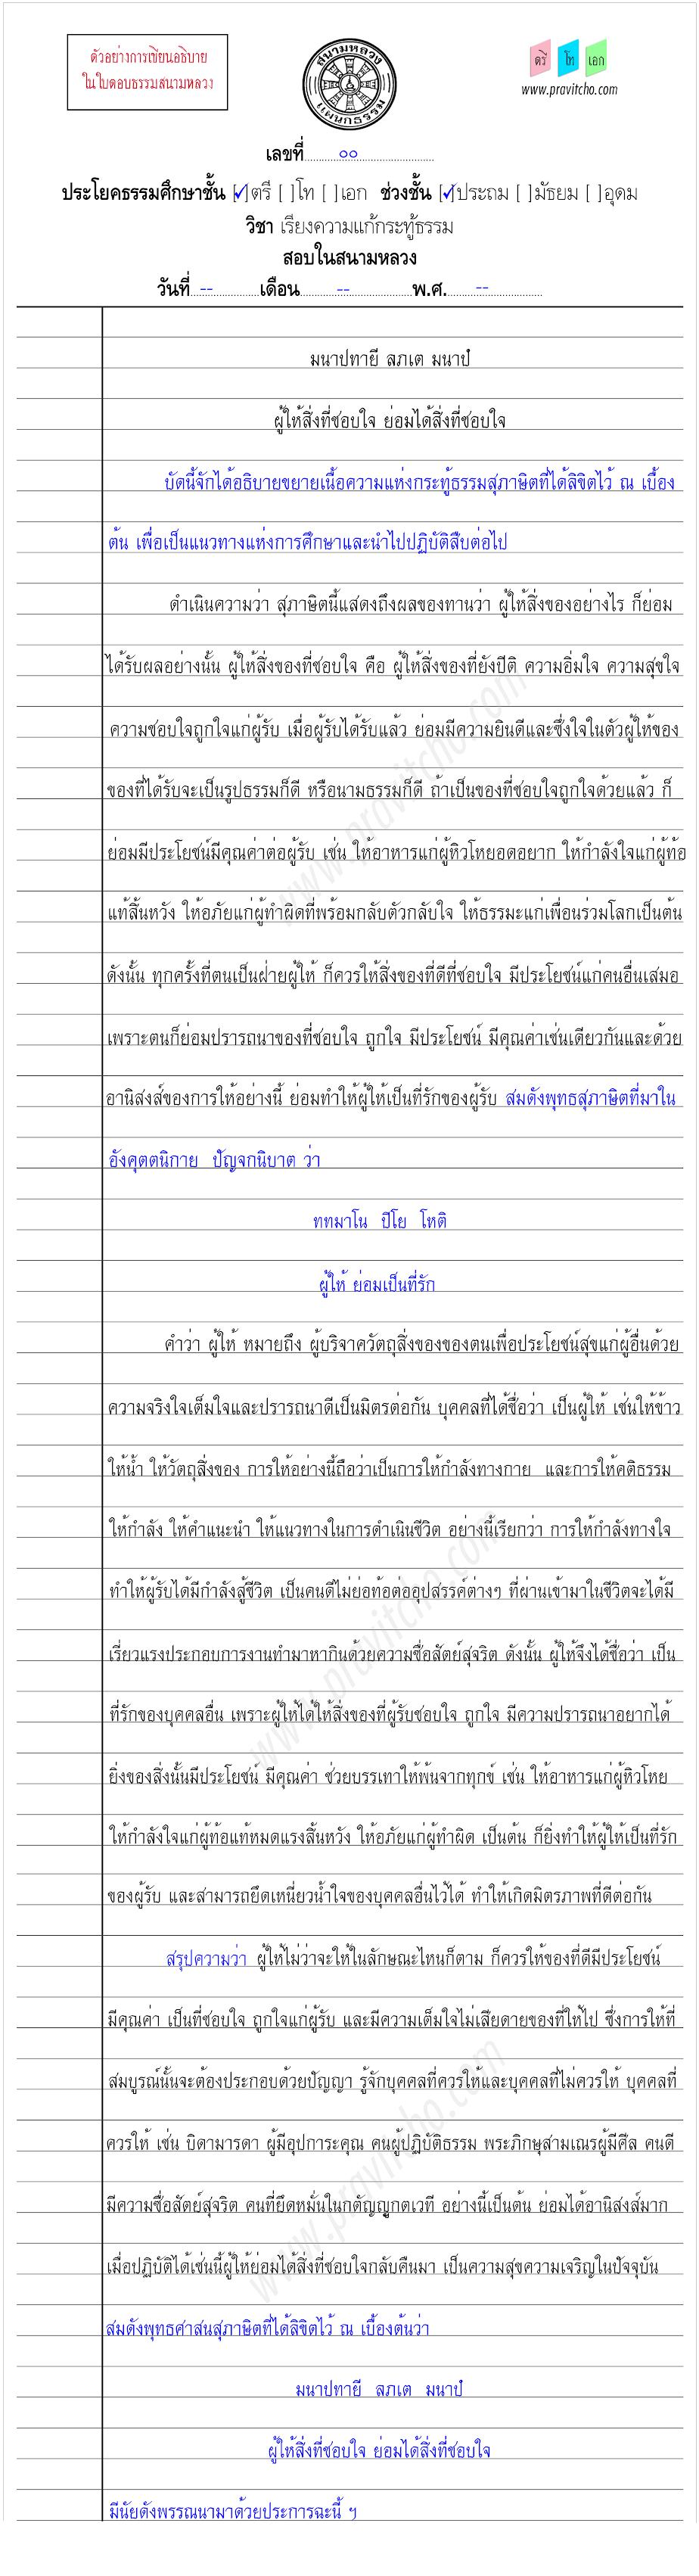 <h1>ตัวอย่างการเขียนเรียงความกระทู้ธรรมชั้นตรี</h1>